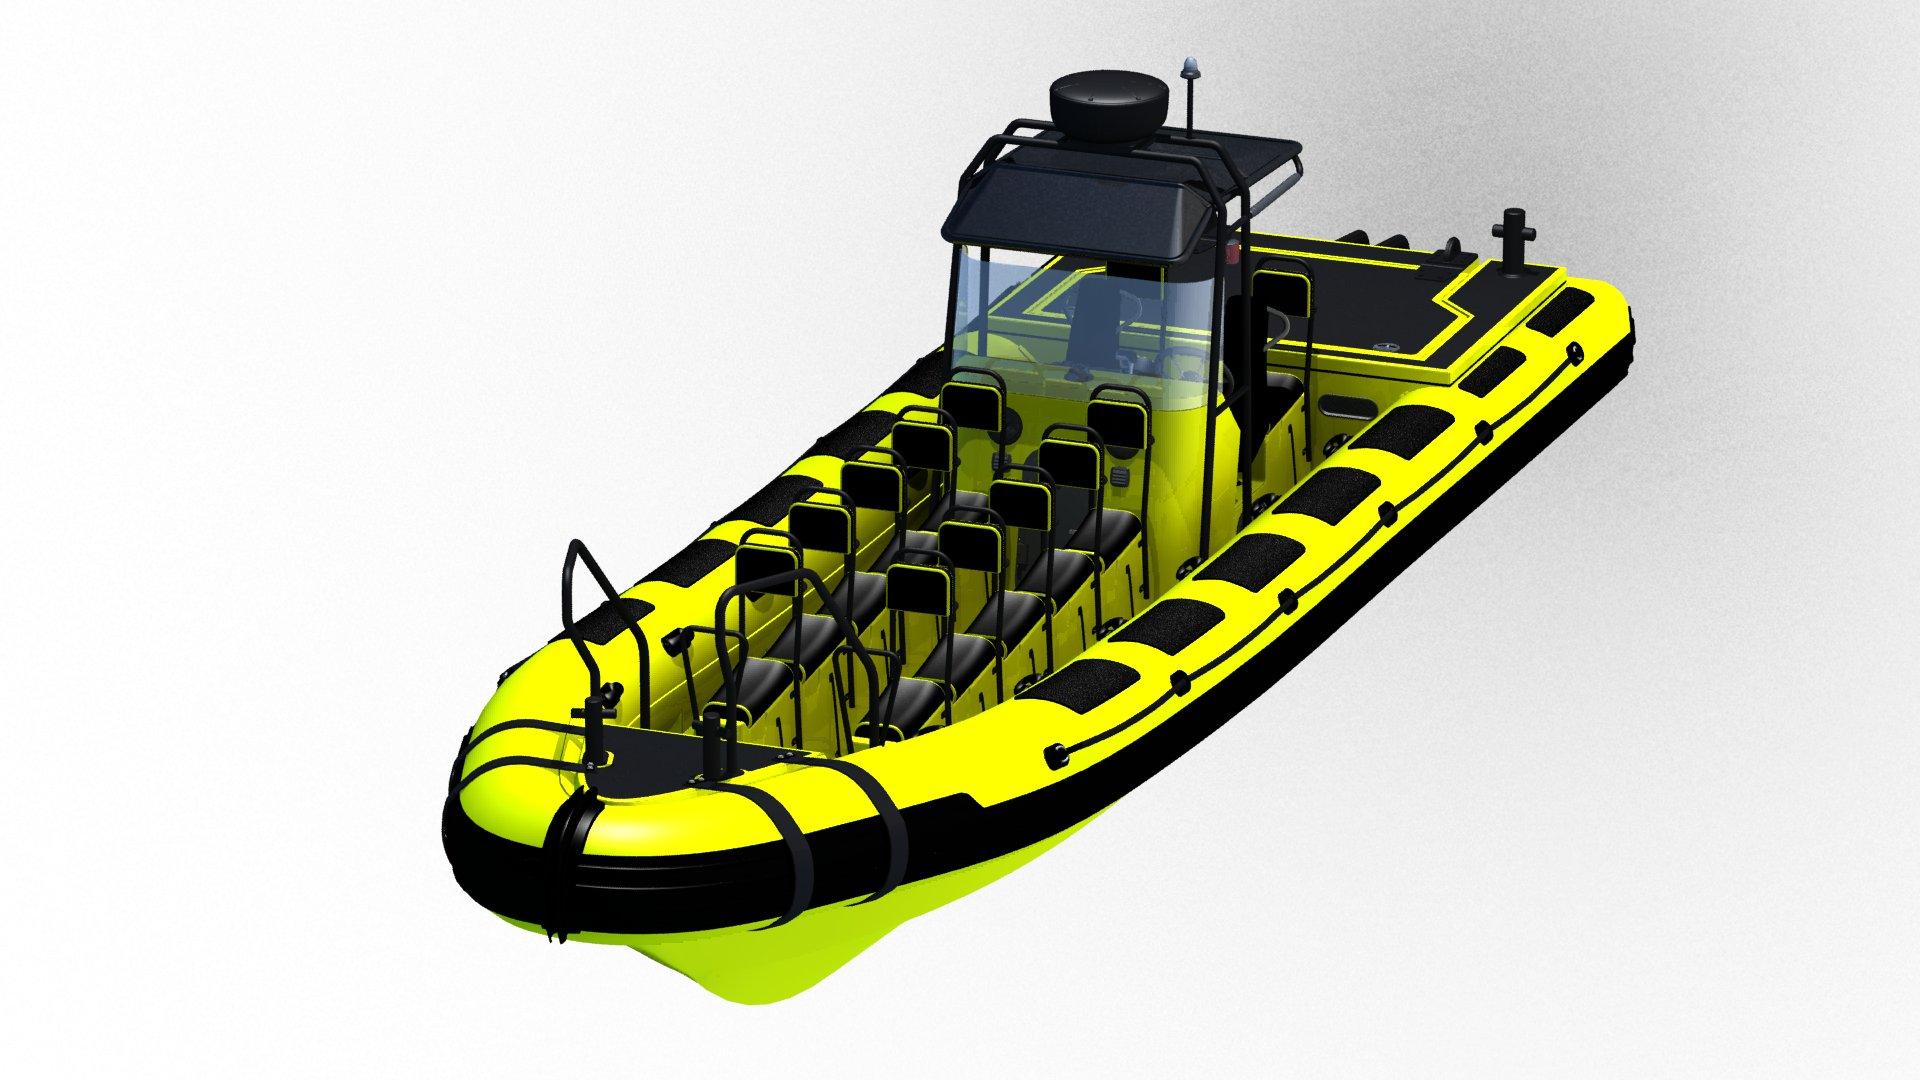 http://www.m-ribs.eu/wp-content/uploads/MRD1000-Tourist-yellow-001-720x340.jpg